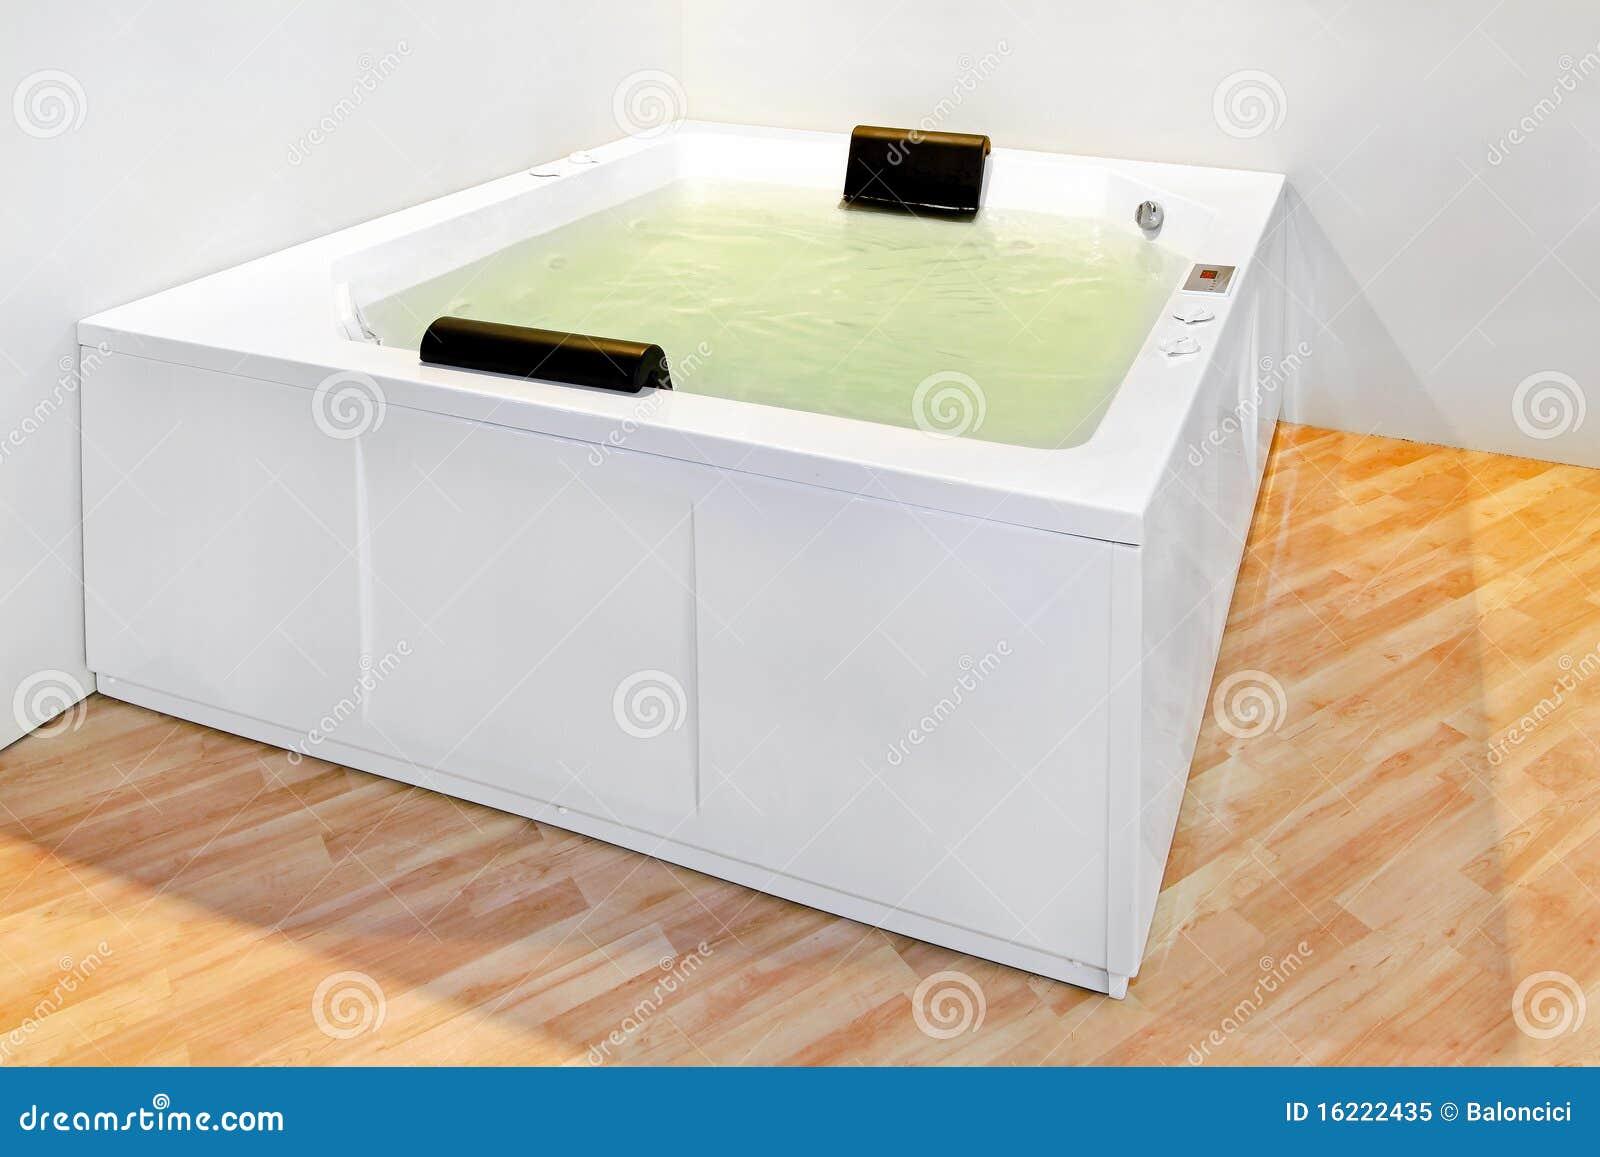 stort badkar fotografering f r bildbyr er bild av. Black Bedroom Furniture Sets. Home Design Ideas